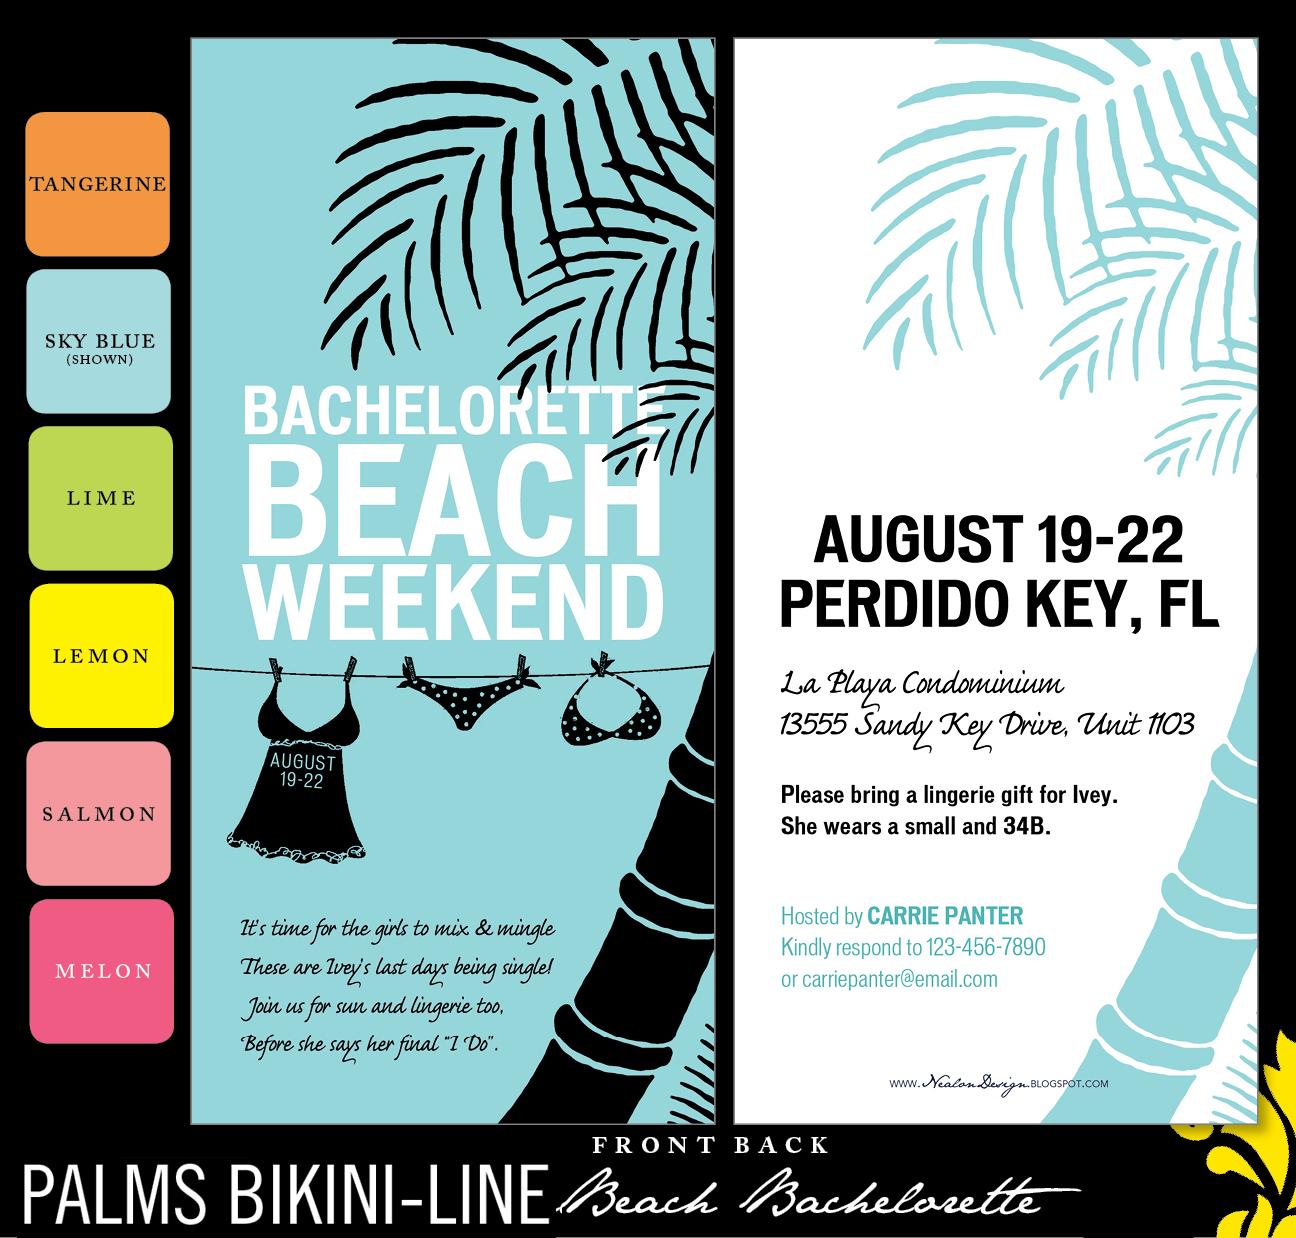 Bikini Line Designs Palms bikini-line beach